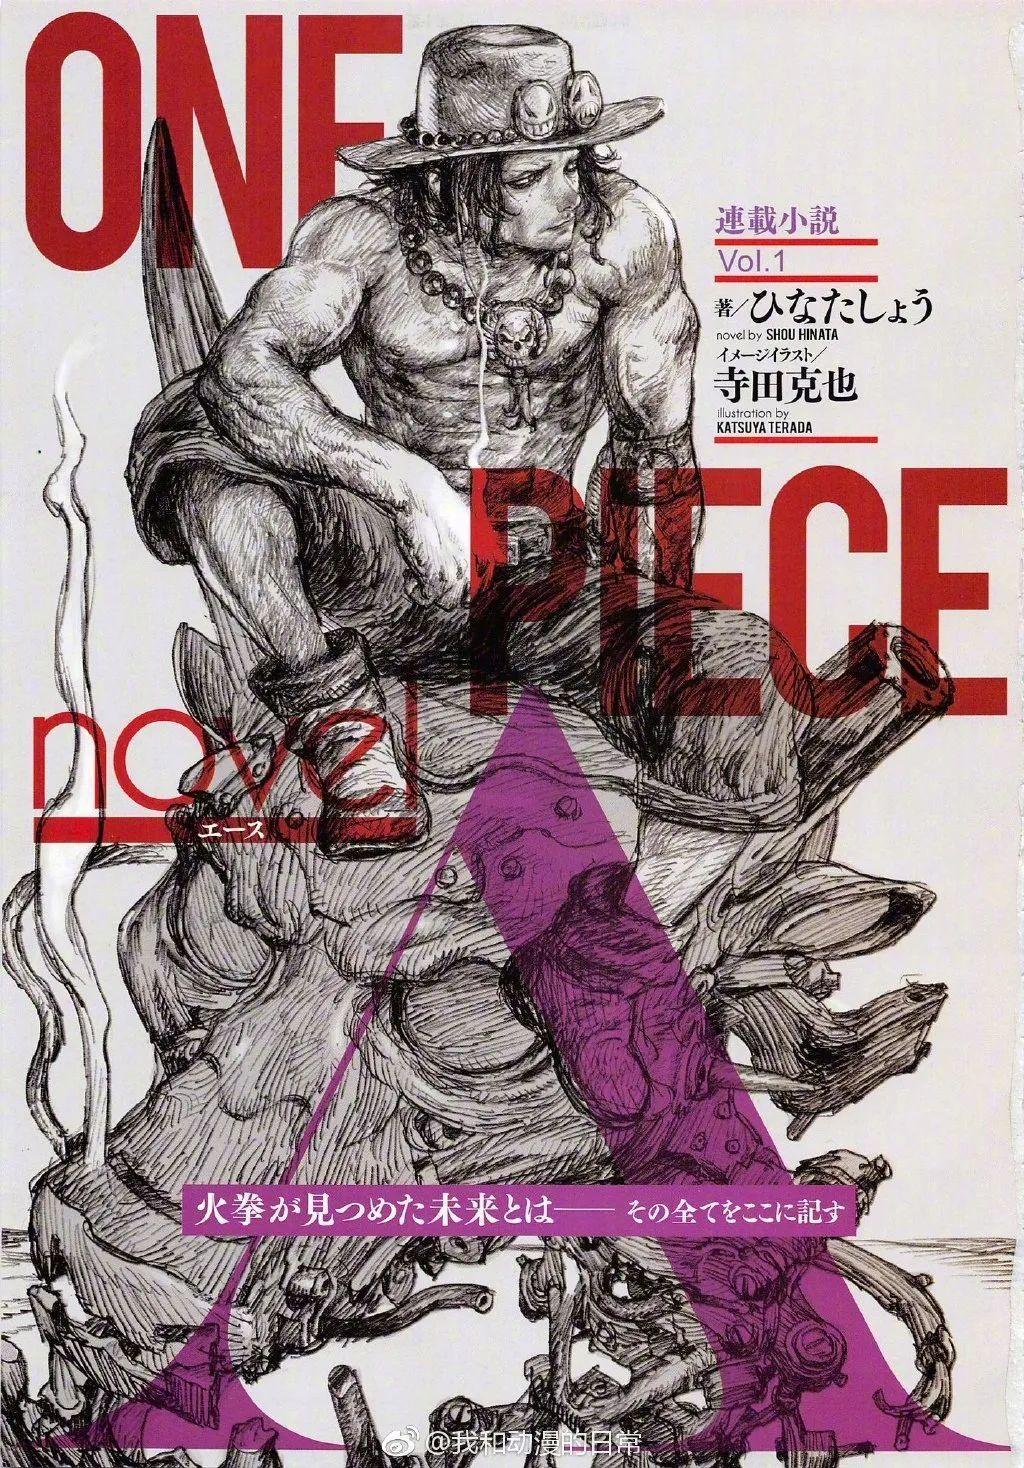 《海贼王》艾斯小说漫画化决定,将于夏季开始连载!_图片 No.2